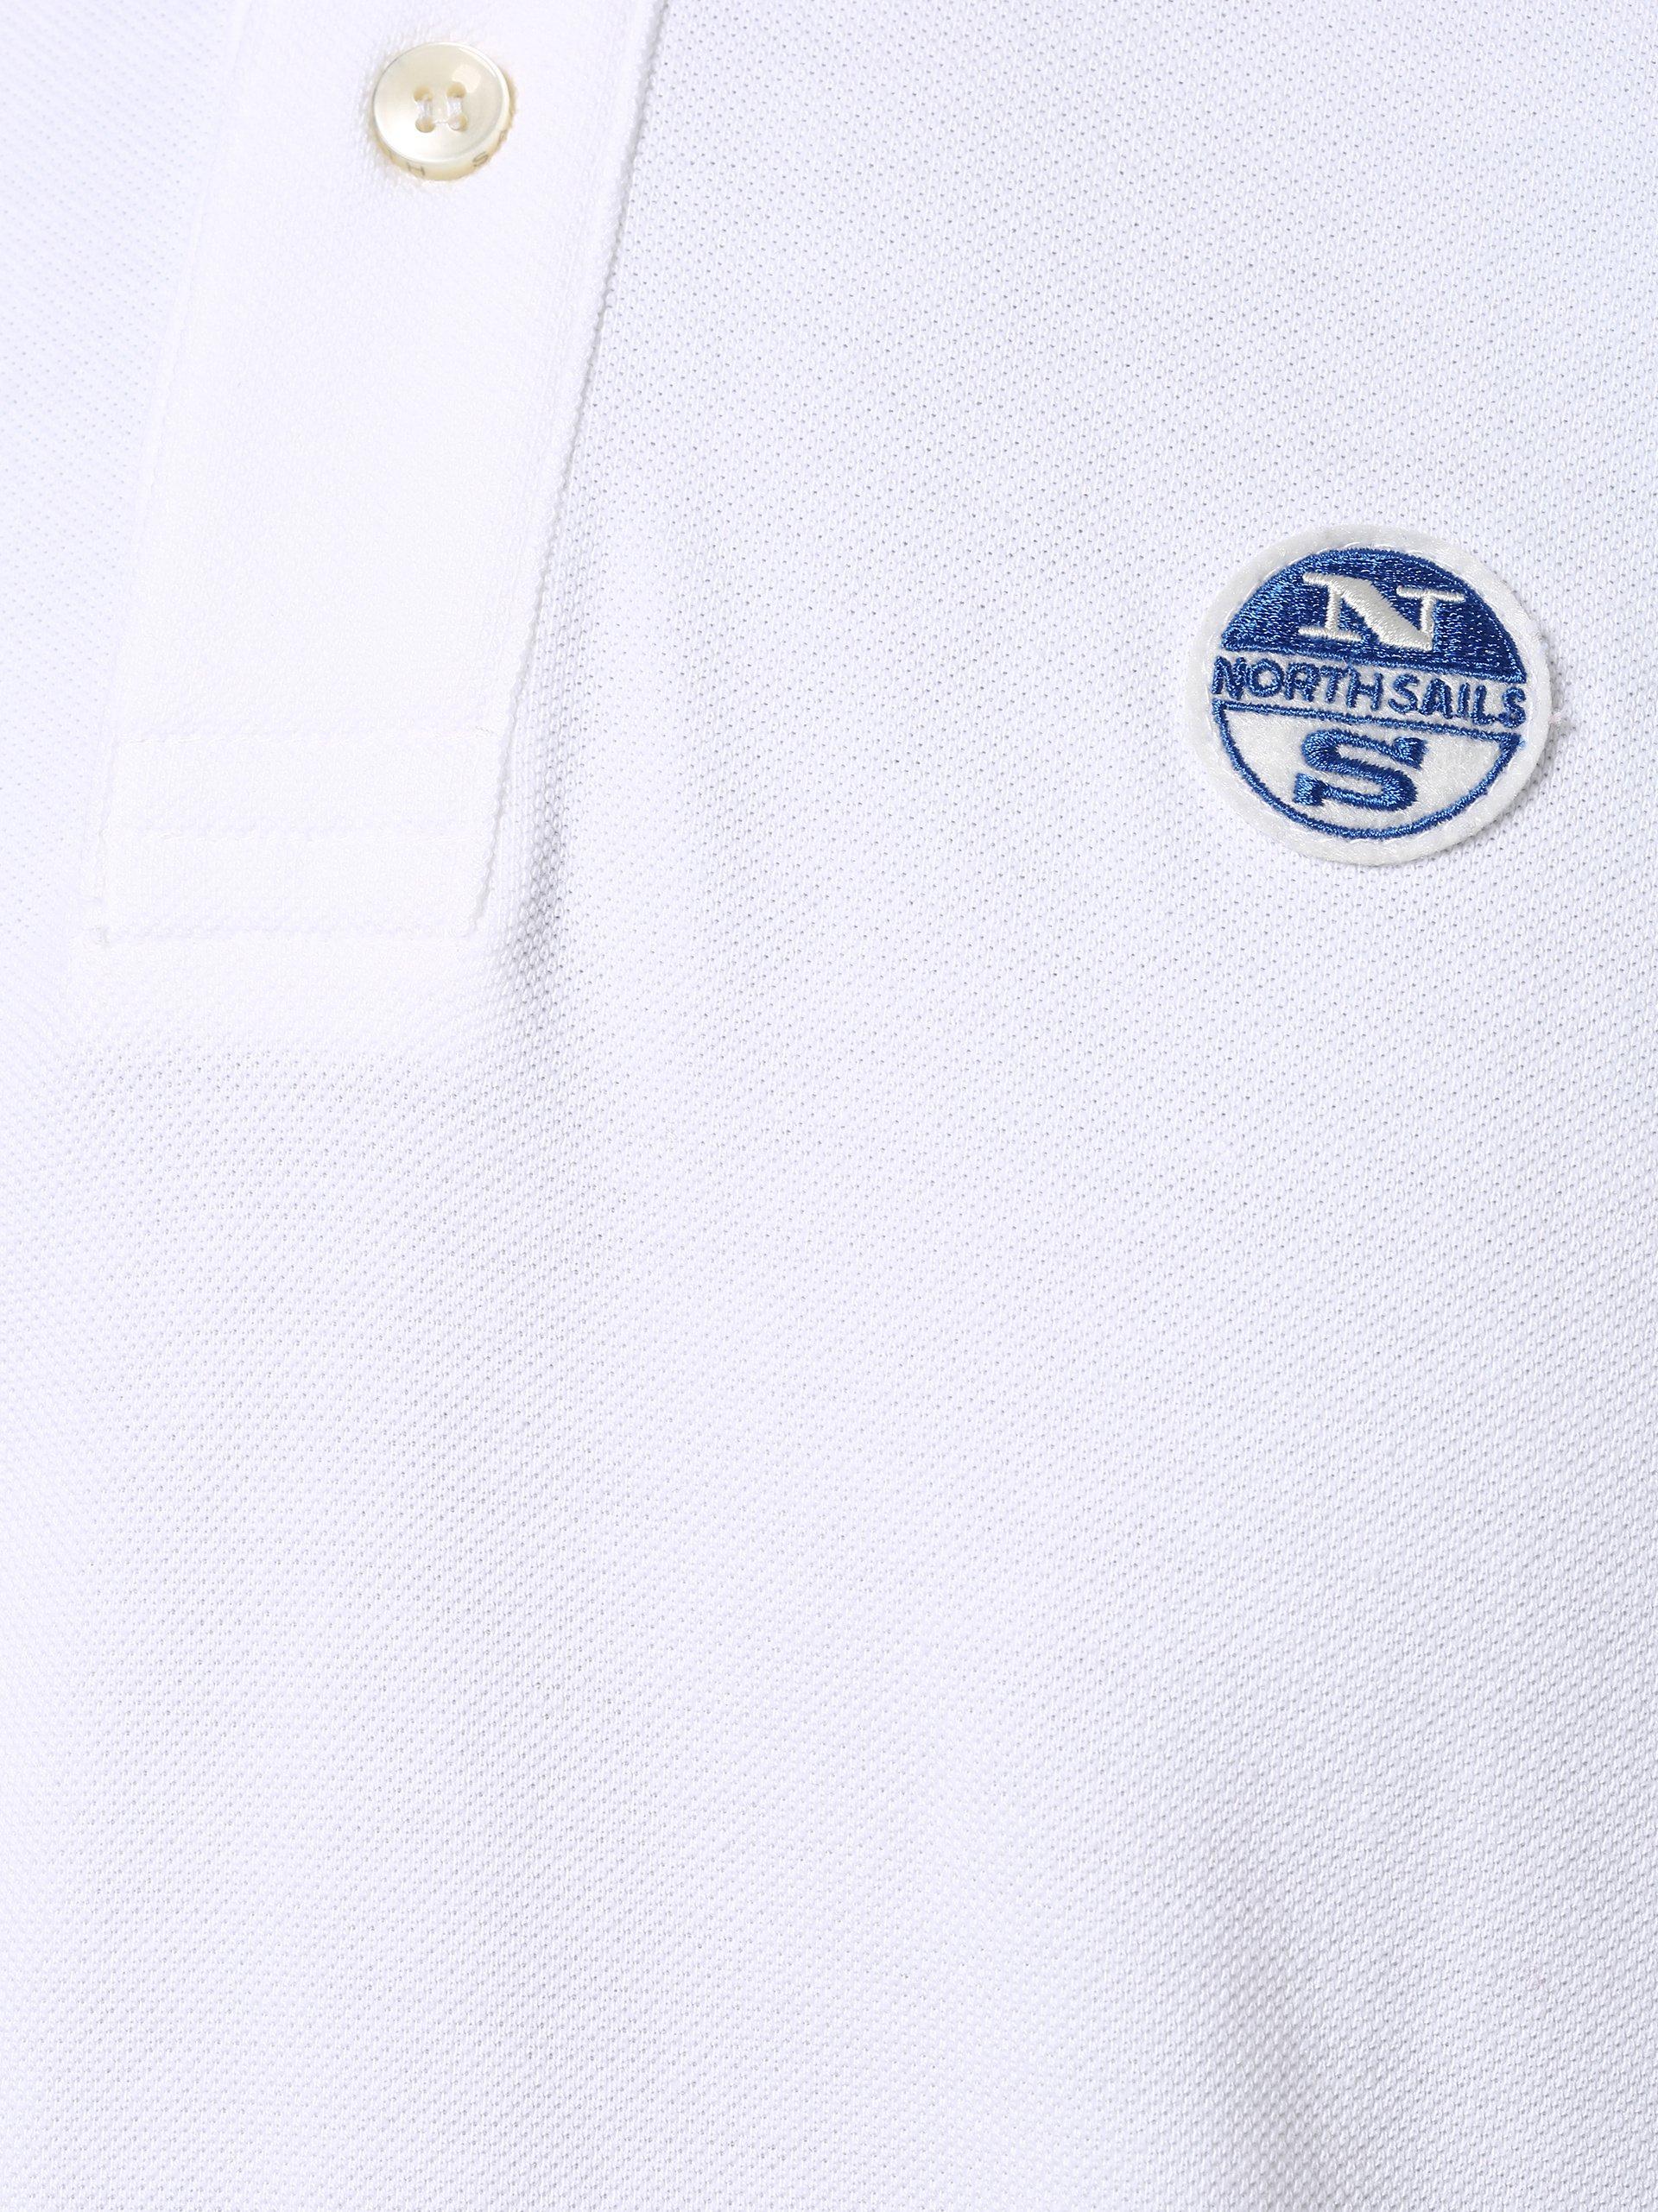 North Sails Herren Poloshirt